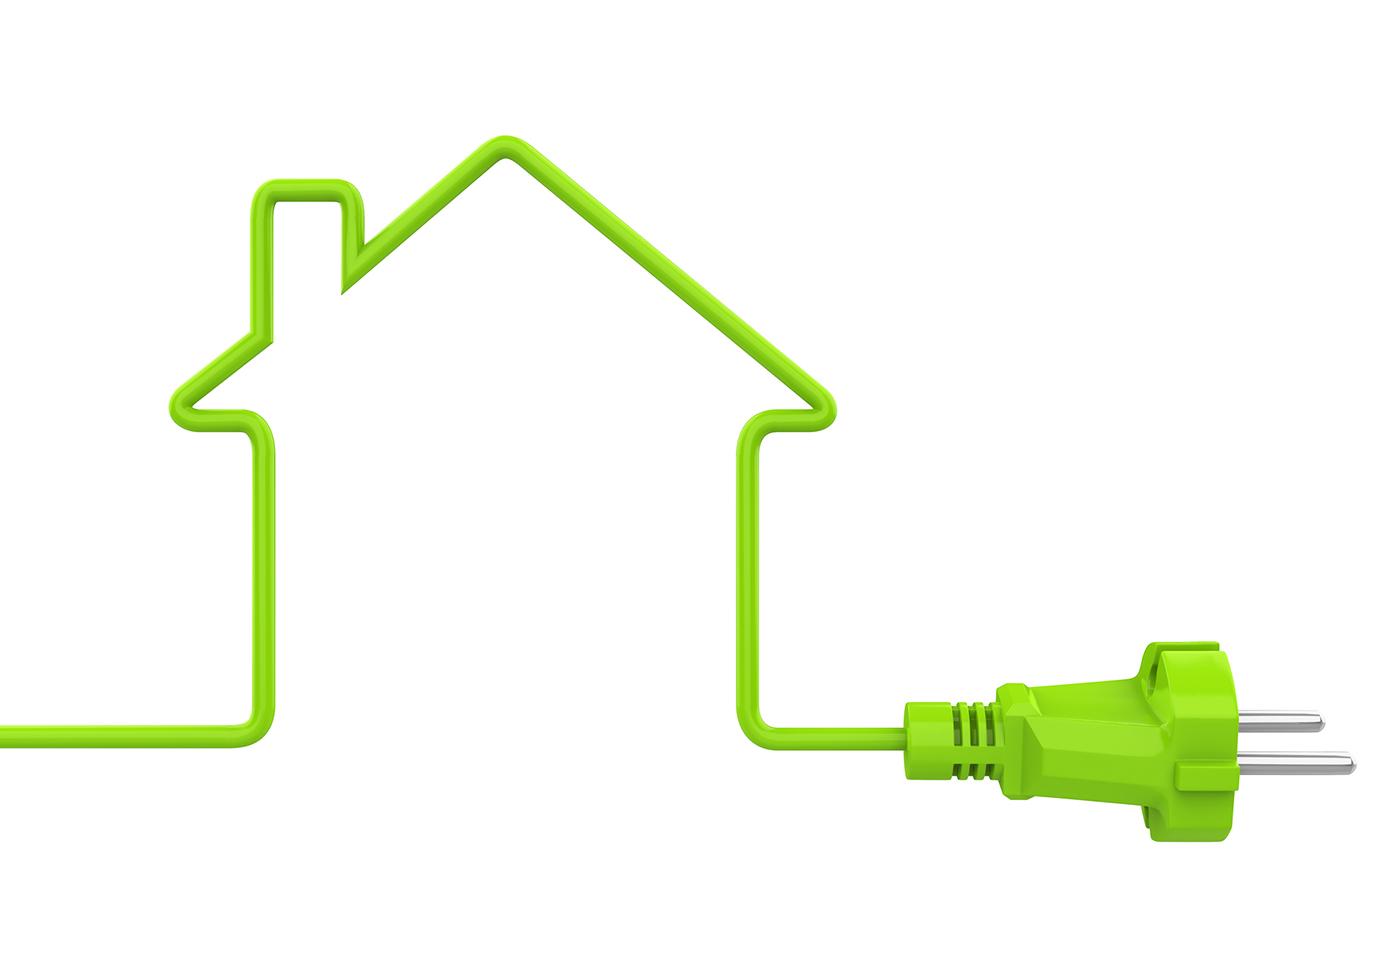 Maison électricité verte Energreen